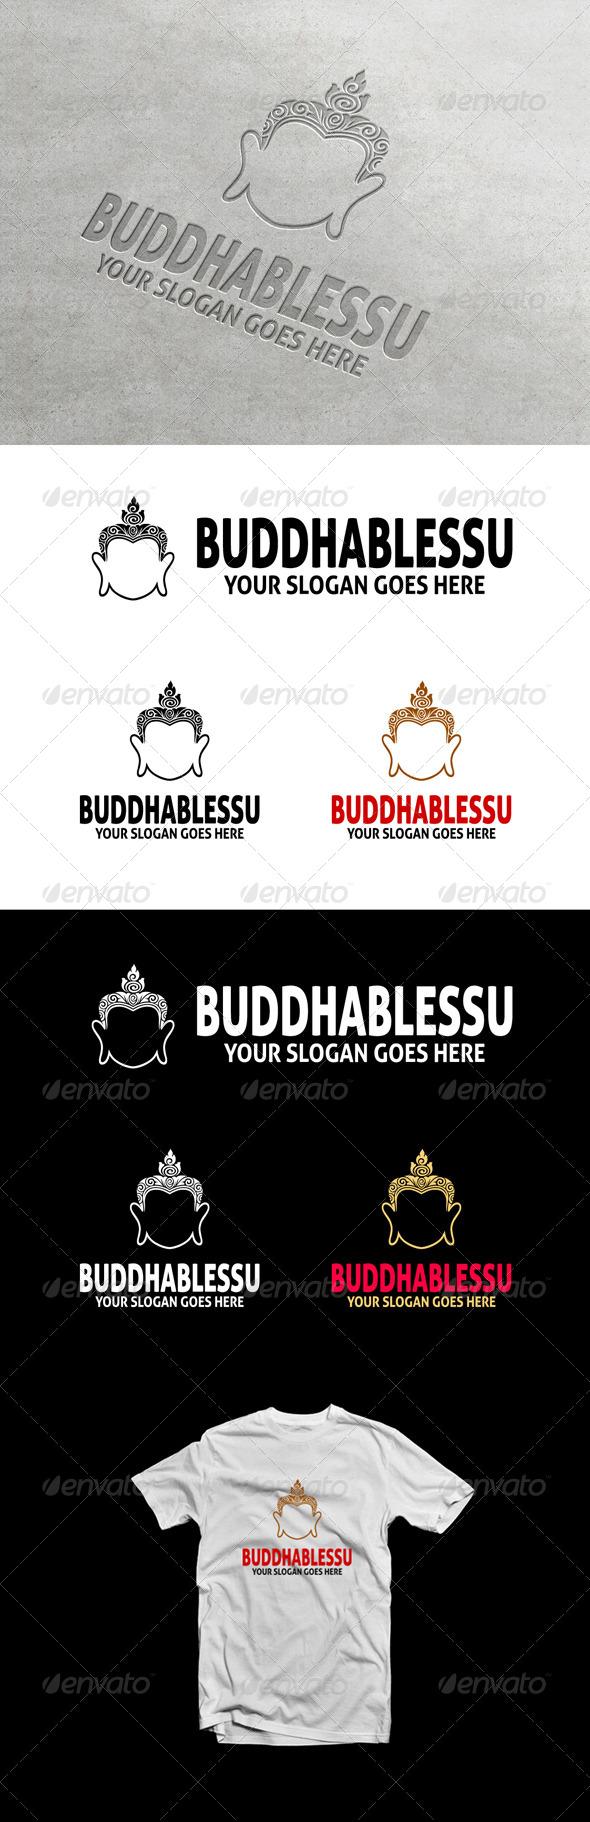 BuddhaBlessU Logo